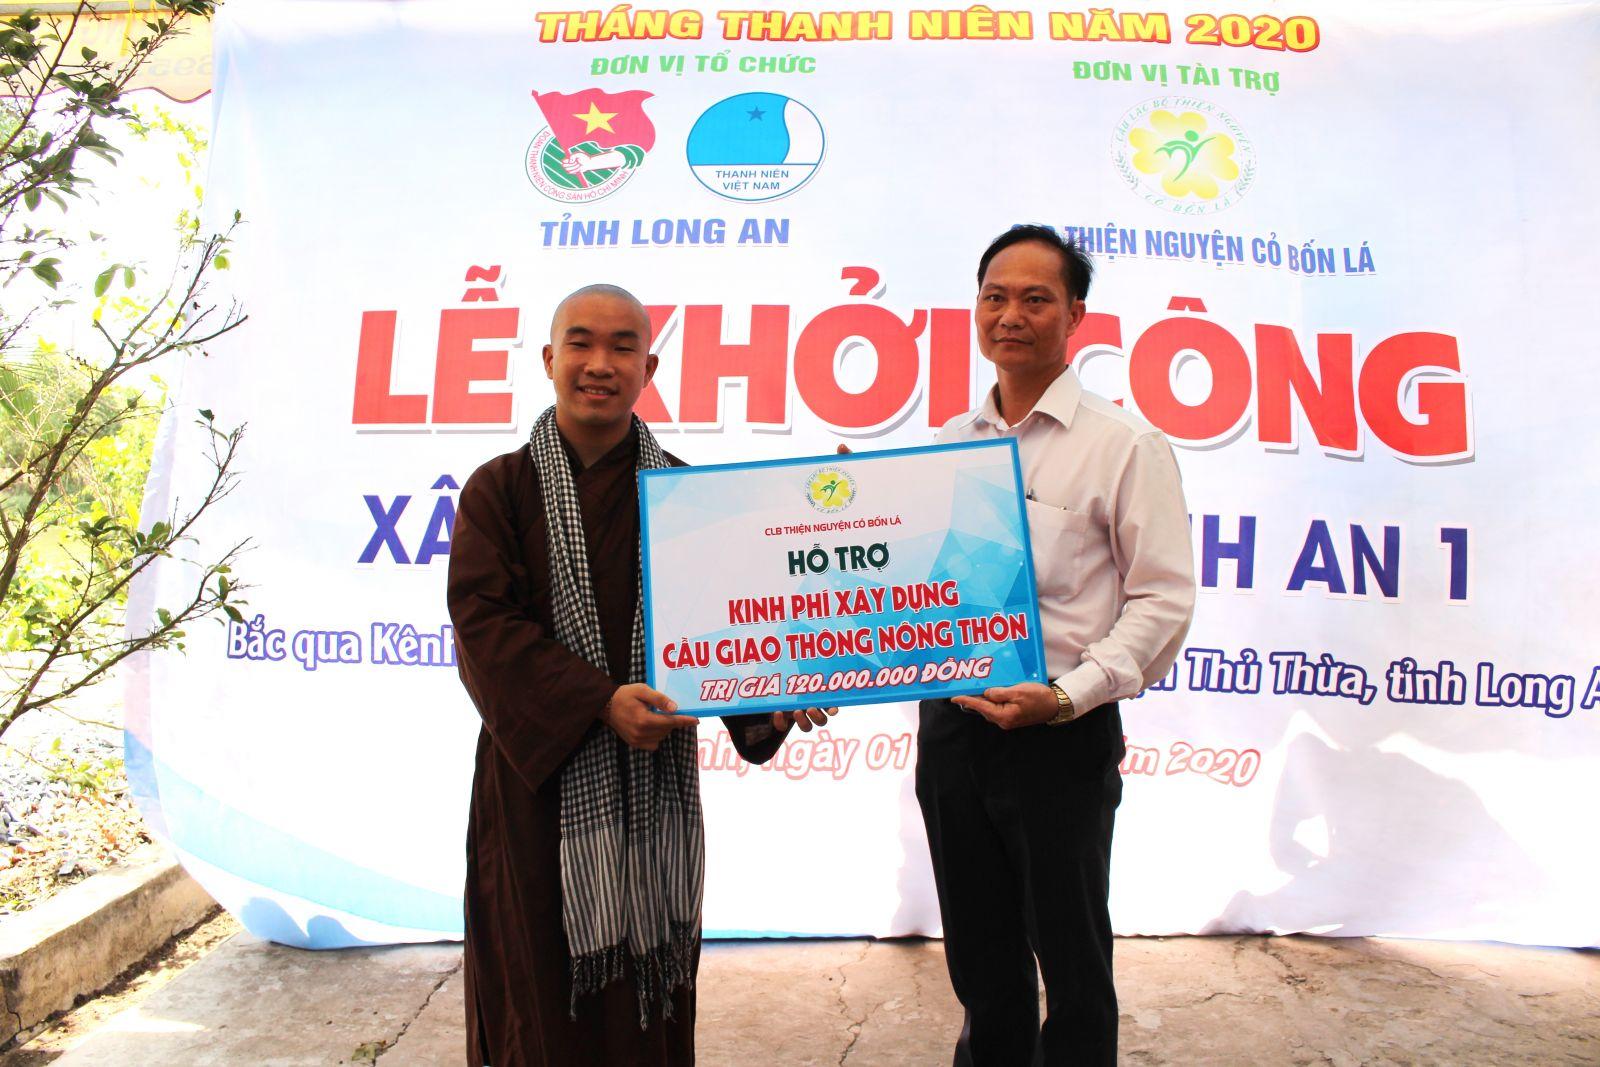 Thầy An Nhất trao tiền hỗ trợ xây cầu giao thông nông thôn Bình An 1 bắc qua kênh Ông Cả thuộc địa phận ấp 1, xã Long Thạnh, huyện Thủ Thừa